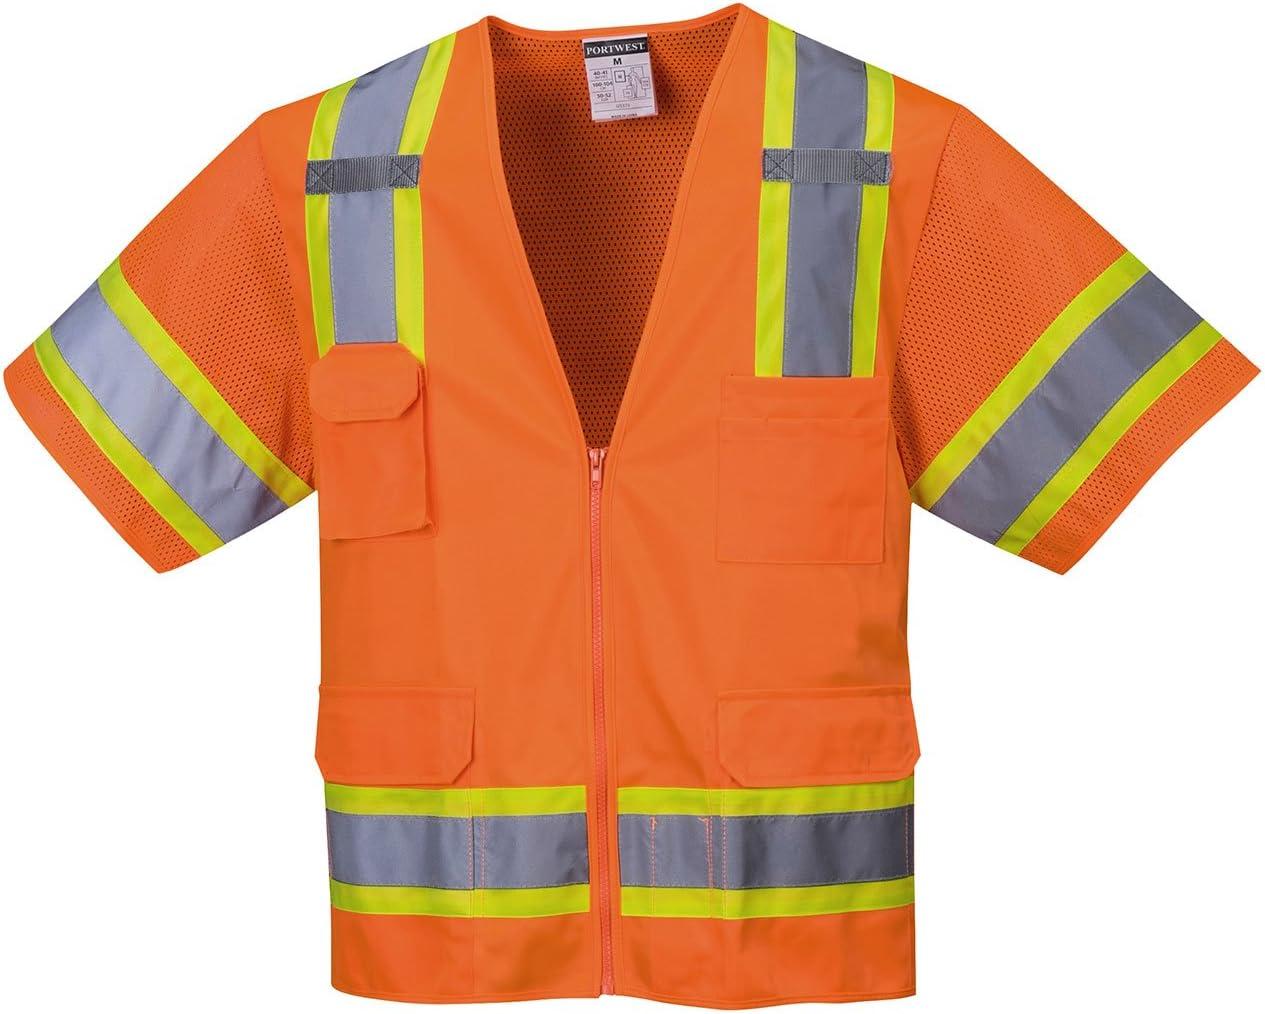 Portwest US373ORRXXL Regular Fit Aurora Sleeved Hi-Vis Vest, XX-Large, Orange